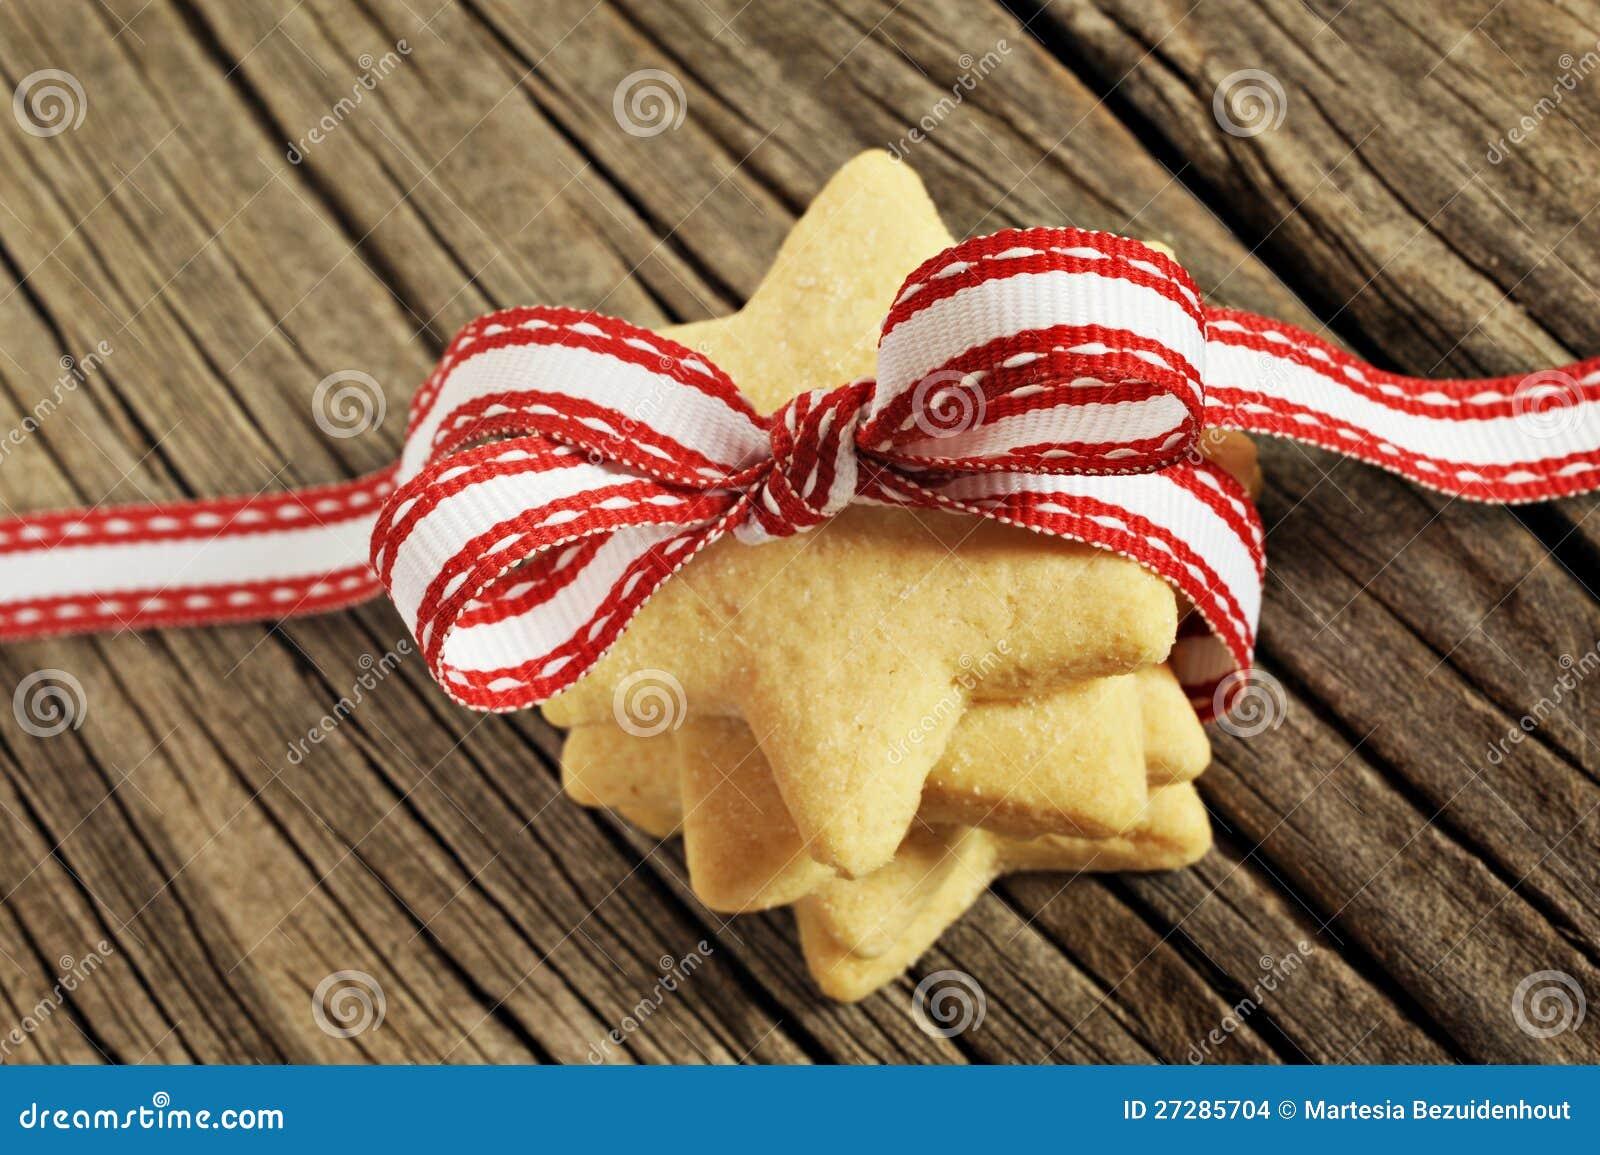 Stjärna formade kakor med det röda bandet